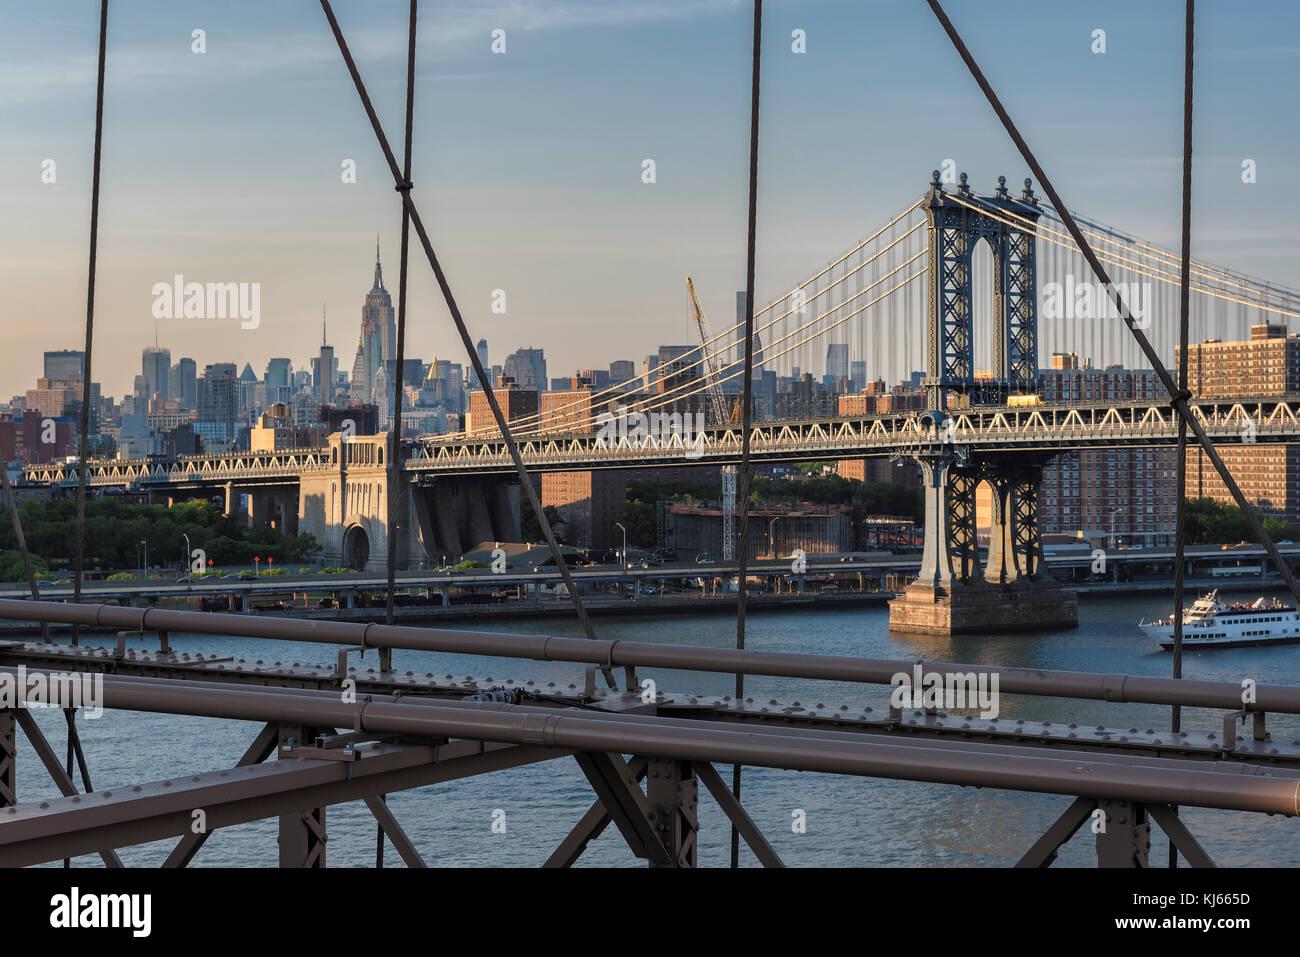 La ciudad de Nueva York con Manhattan Bridge Imagen De Stock